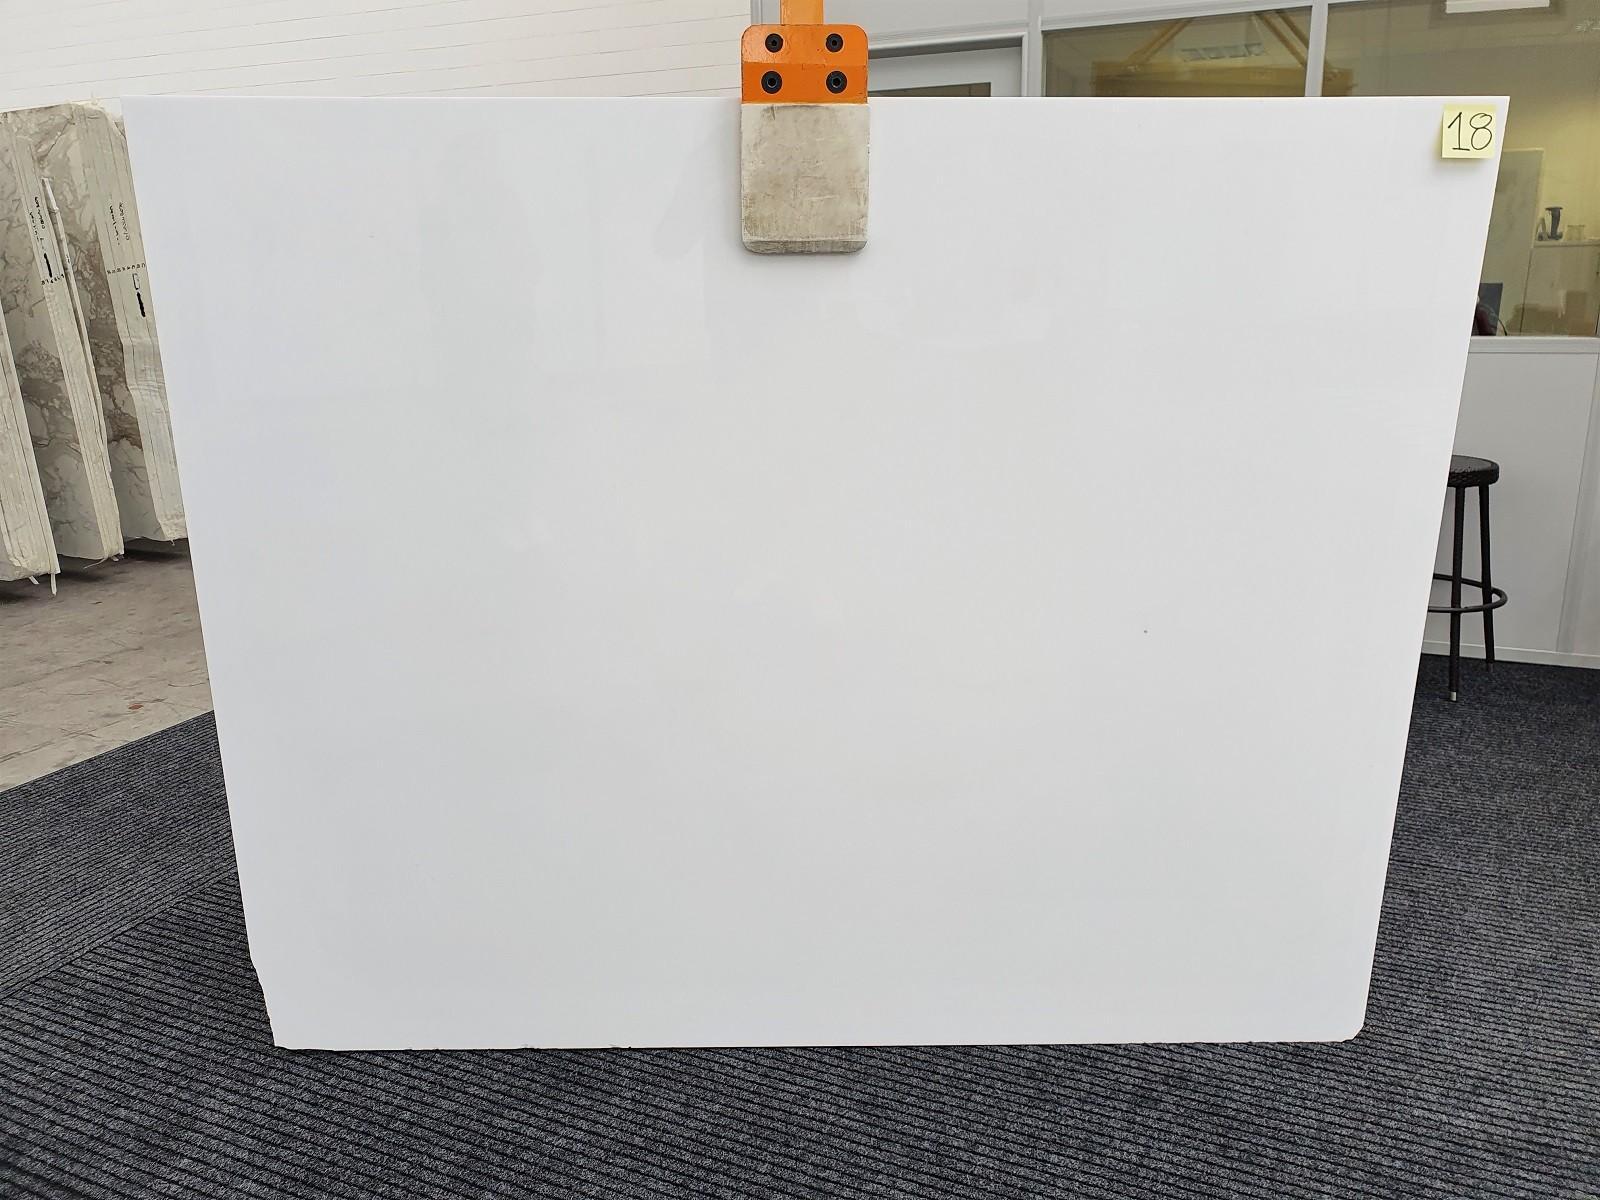 THASSOS polierte Unmaßplatten 1355 aus Natur Marmor , Slab #18: Lieferung Veneto, Italien